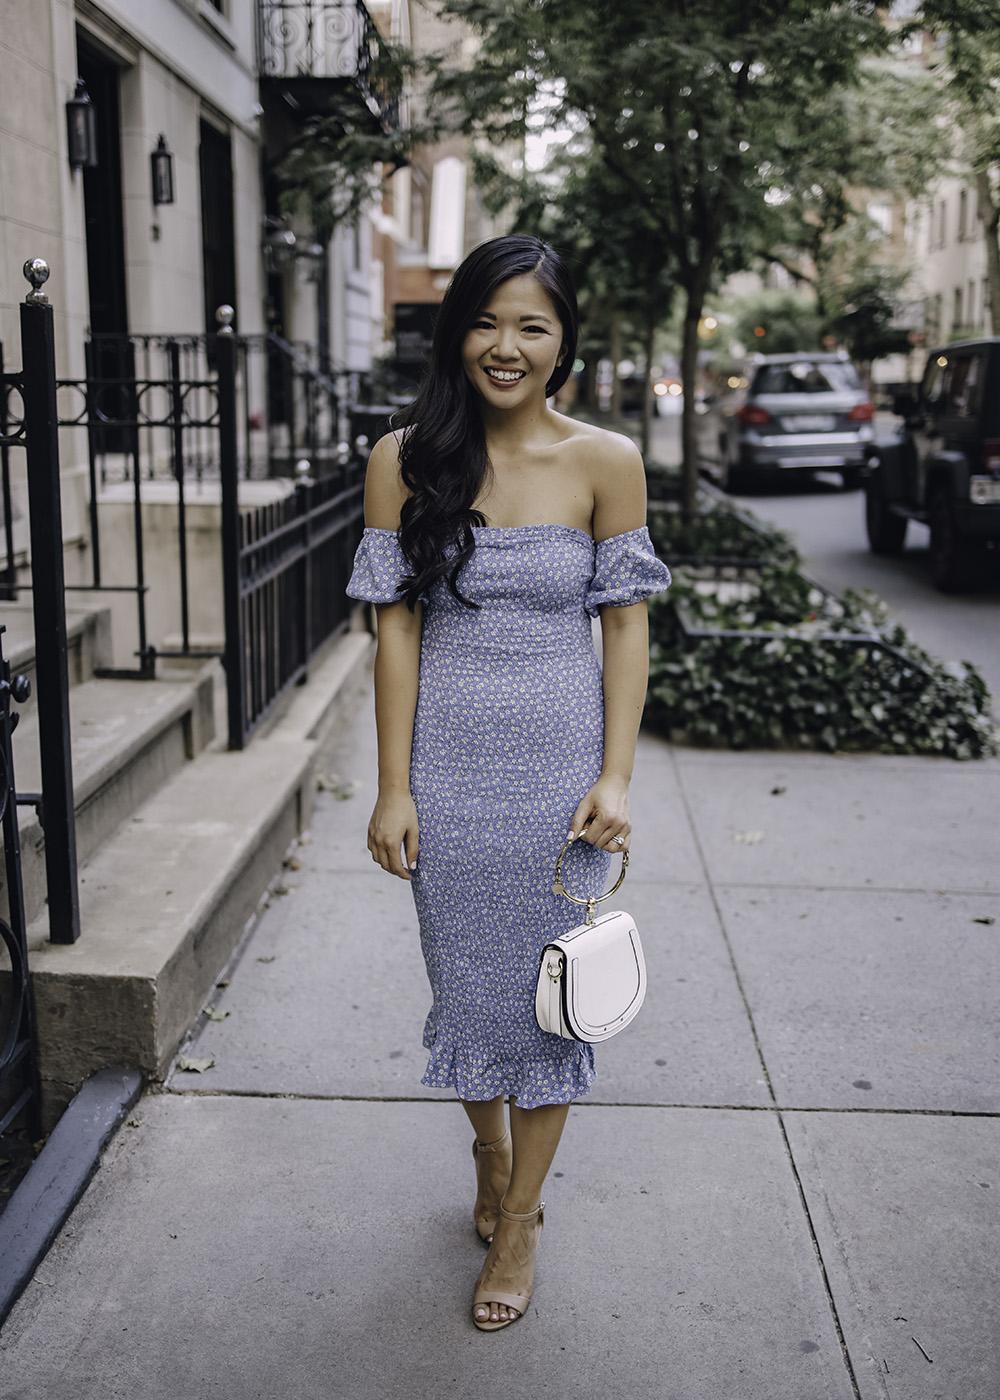 Summer Wedding Guest Dress: Blue Floral Off the Shoulder Dress